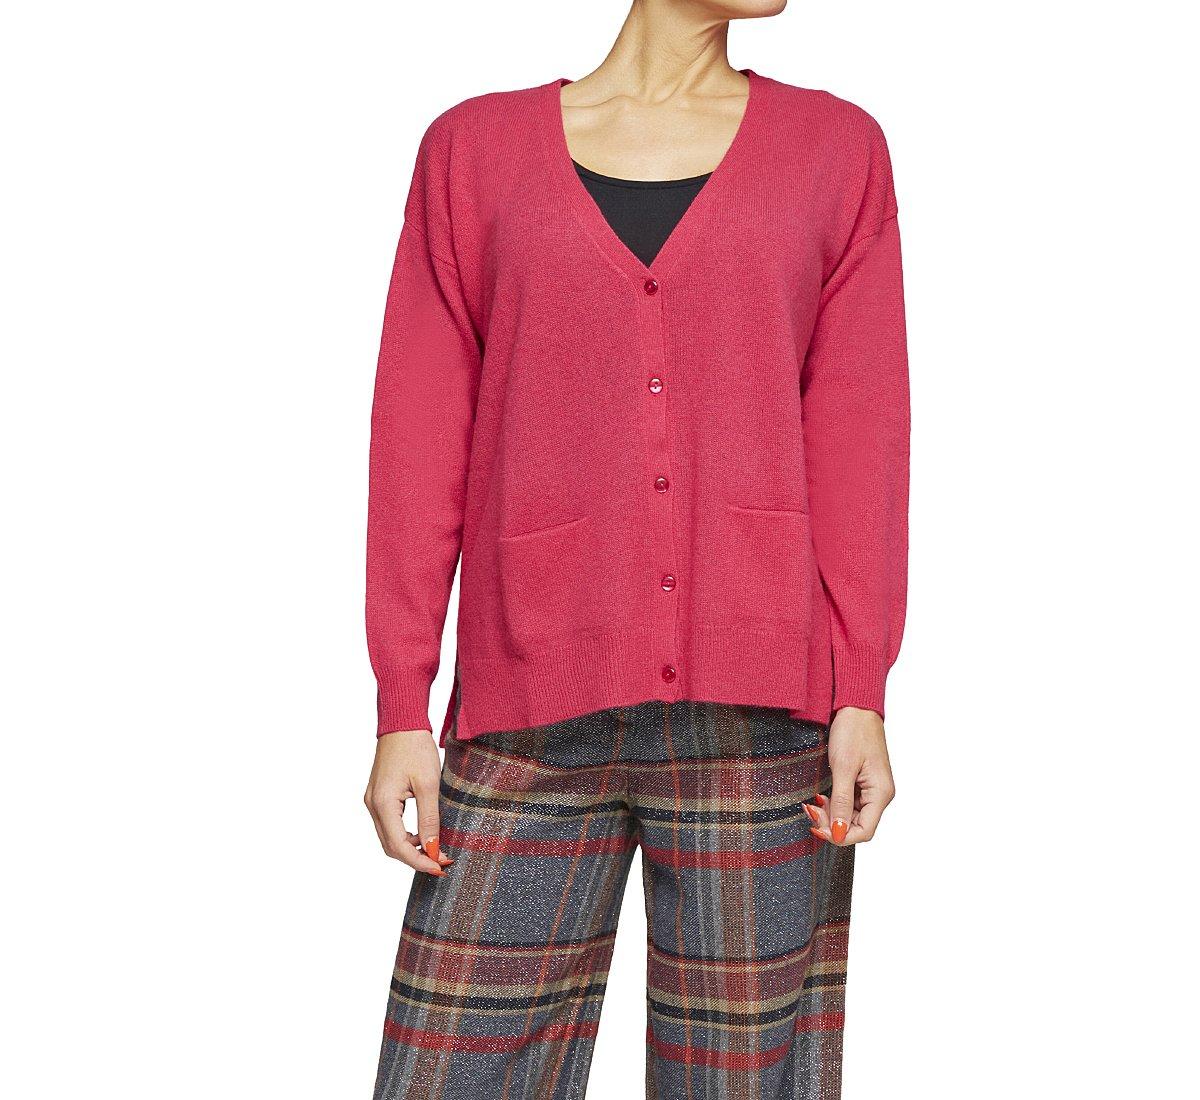 Cardigan in fine cashmere